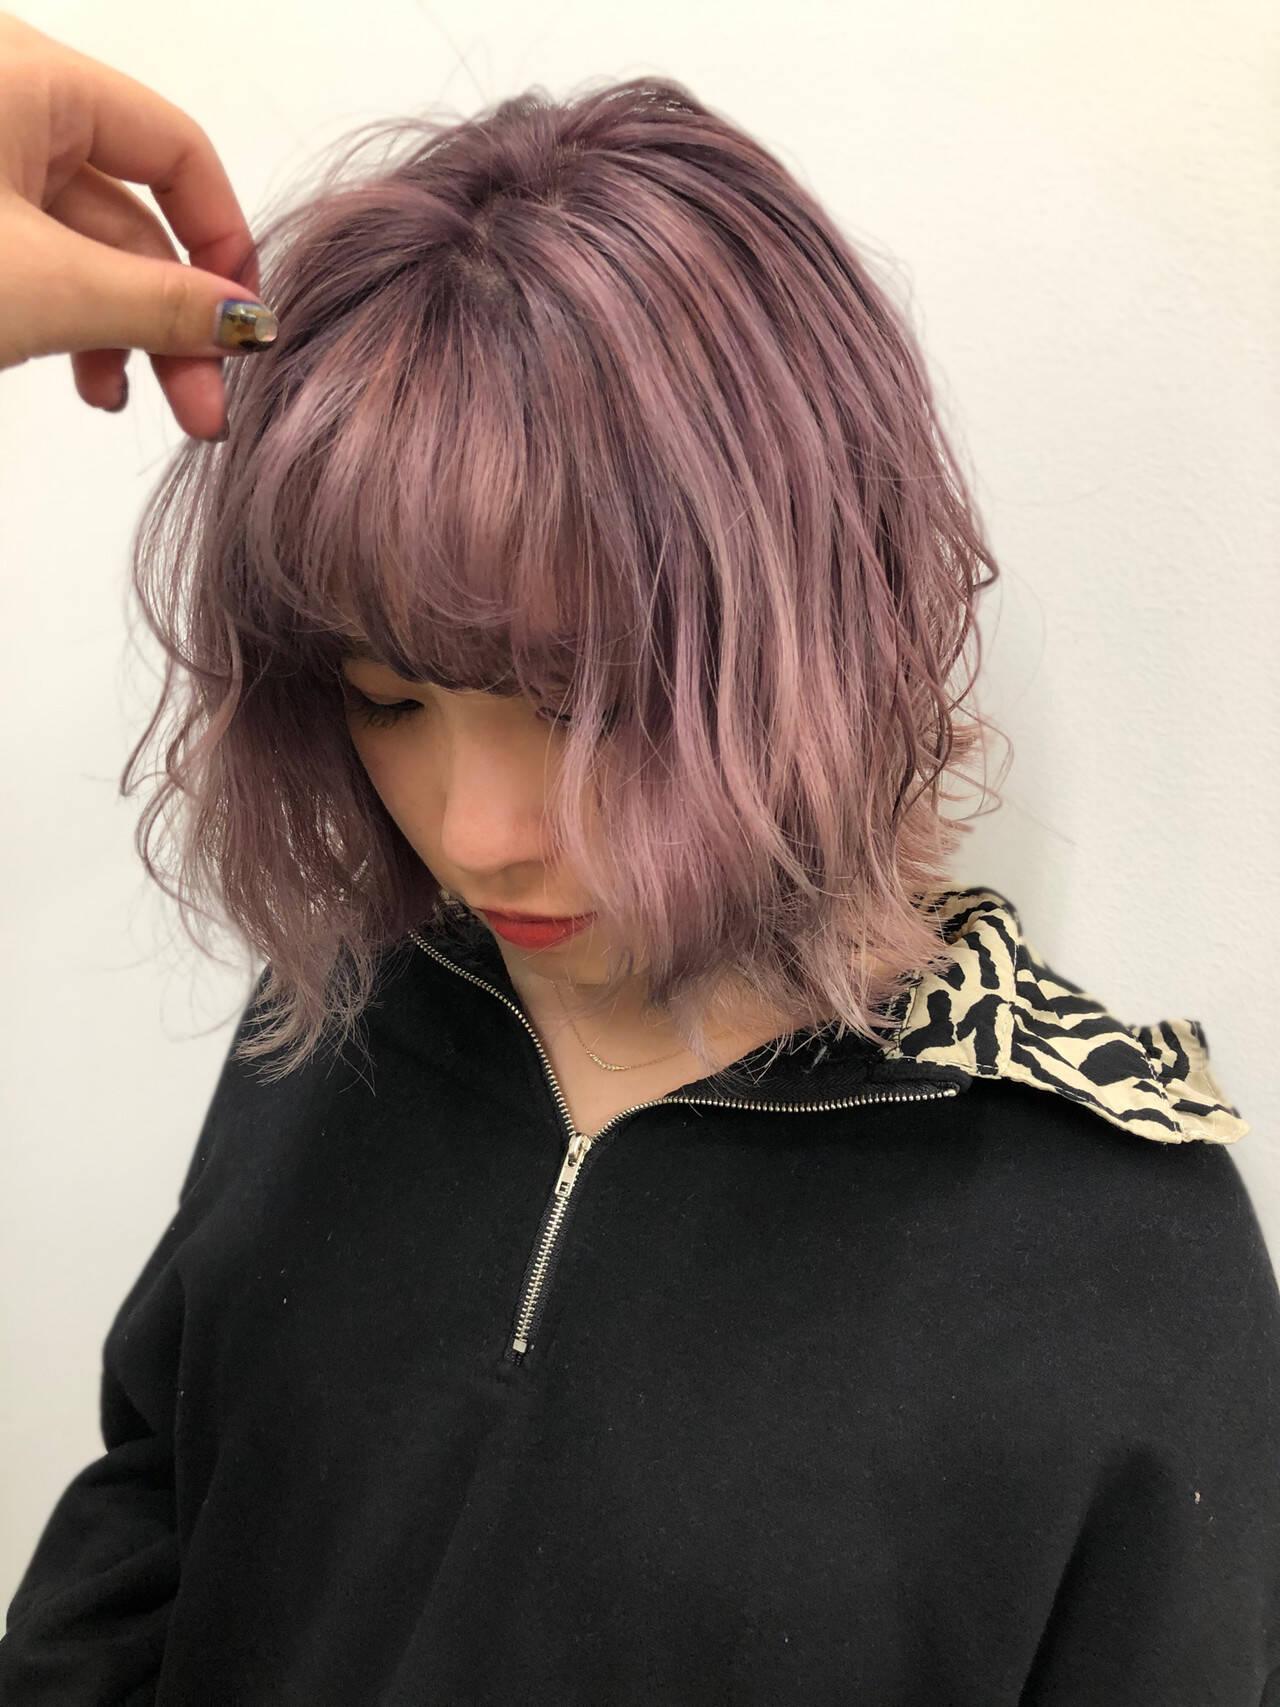 ボブ ラベンダーピンク フェミニン 暖色ヘアスタイルや髪型の写真・画像